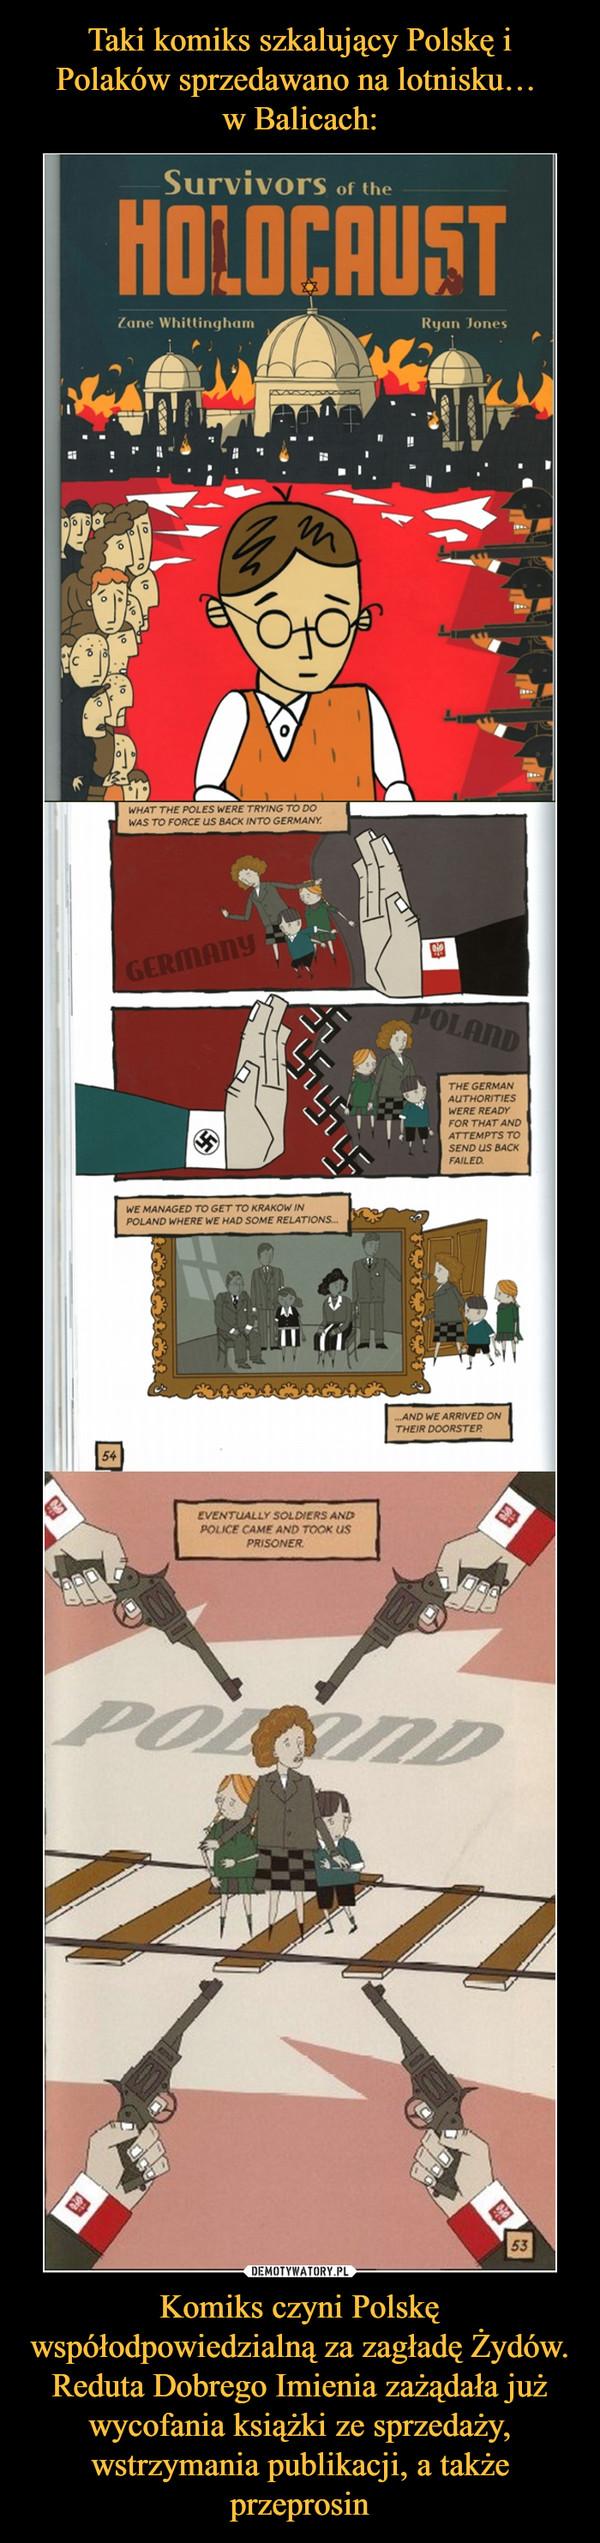 Komiks czyni Polskę współodpowiedzialną za zagładę Żydów. Reduta Dobrego Imienia zażądała już wycofania książki ze sprzedaży, wstrzymania publikacji, a także przeprosin –